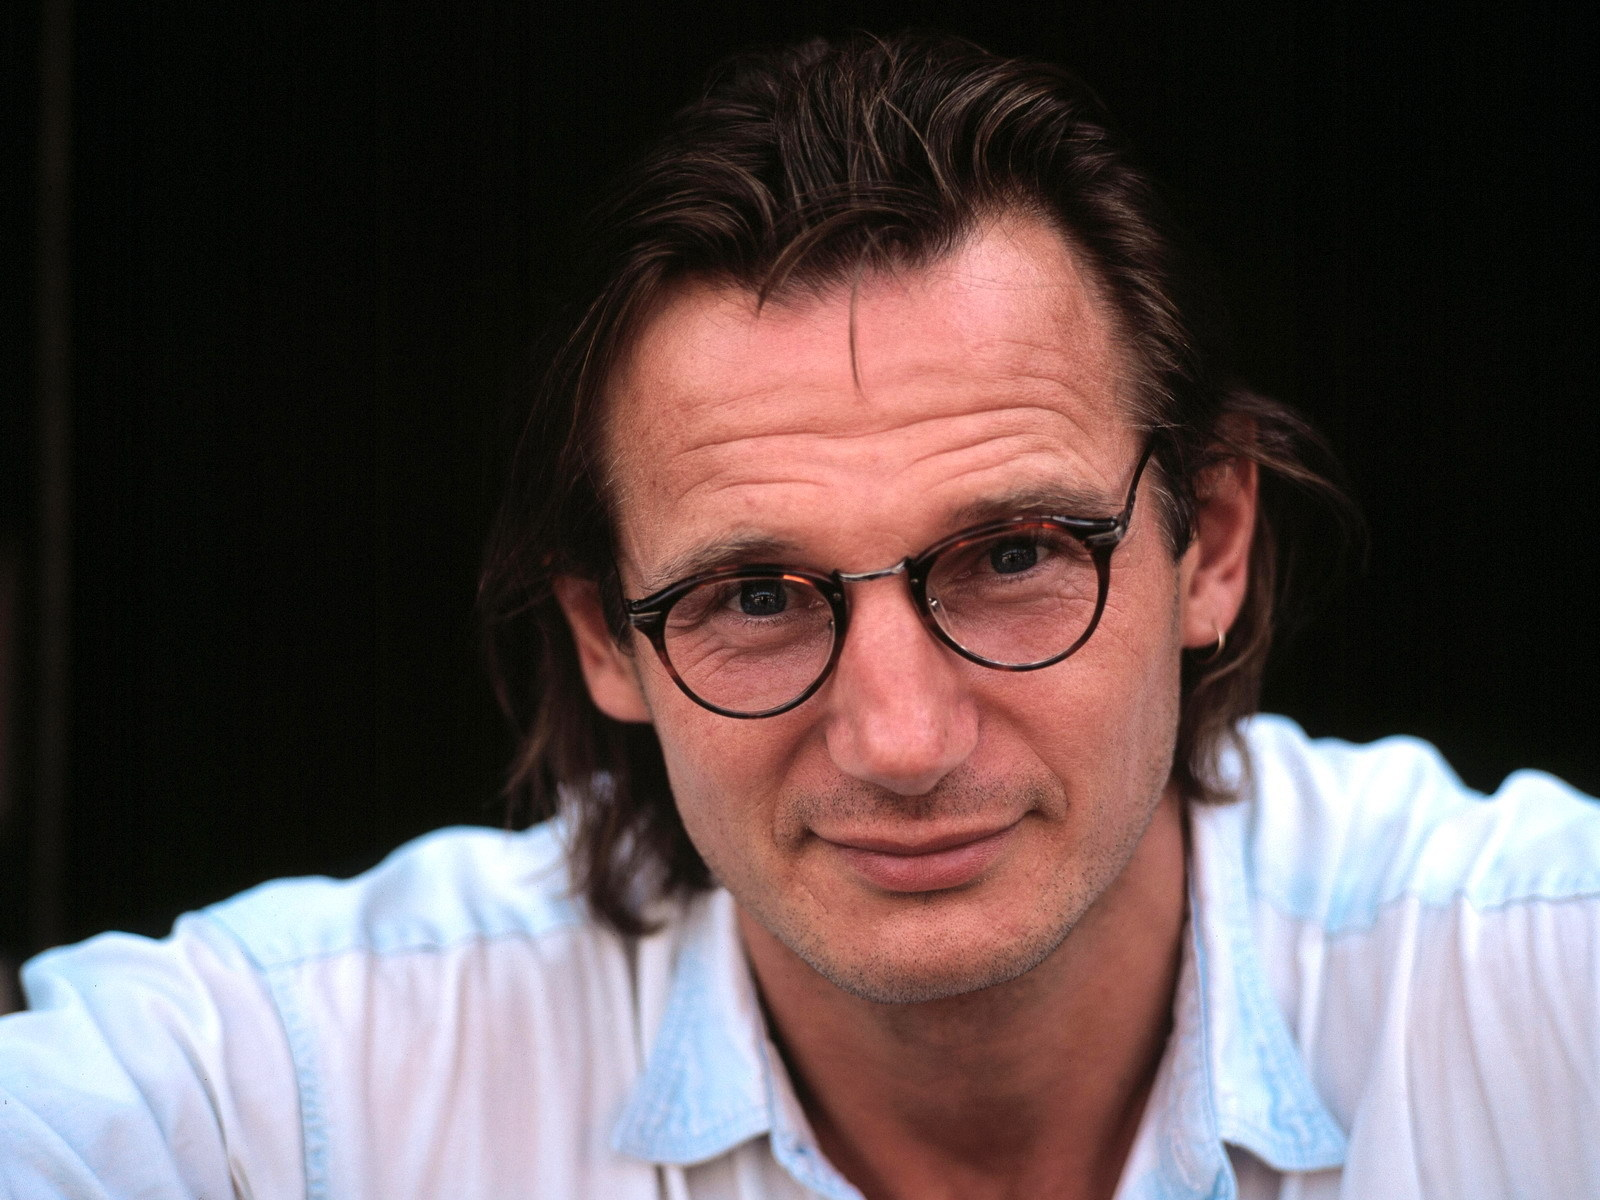 Hd Goggles Wallpaper Liam Neeson Liam Neeson Wallpaper 10716179 Fanpop